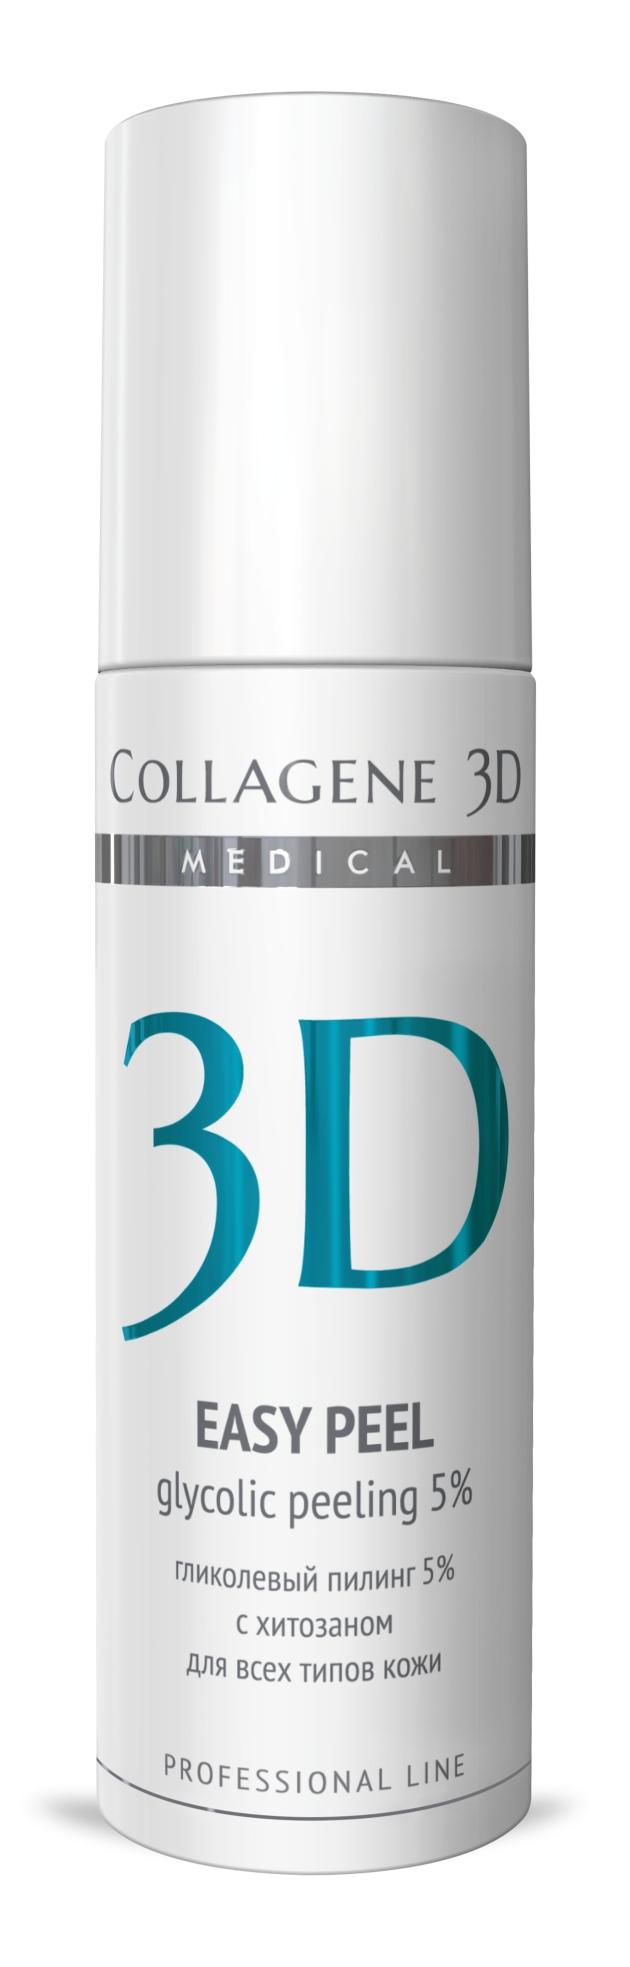 """MEDICAL COLLAGENE 3D Гель-пилинг с хитозаном на основе гликолевой кислоты 5% (pH 3,2) """"Easy Peel"""" 130мл проф."""